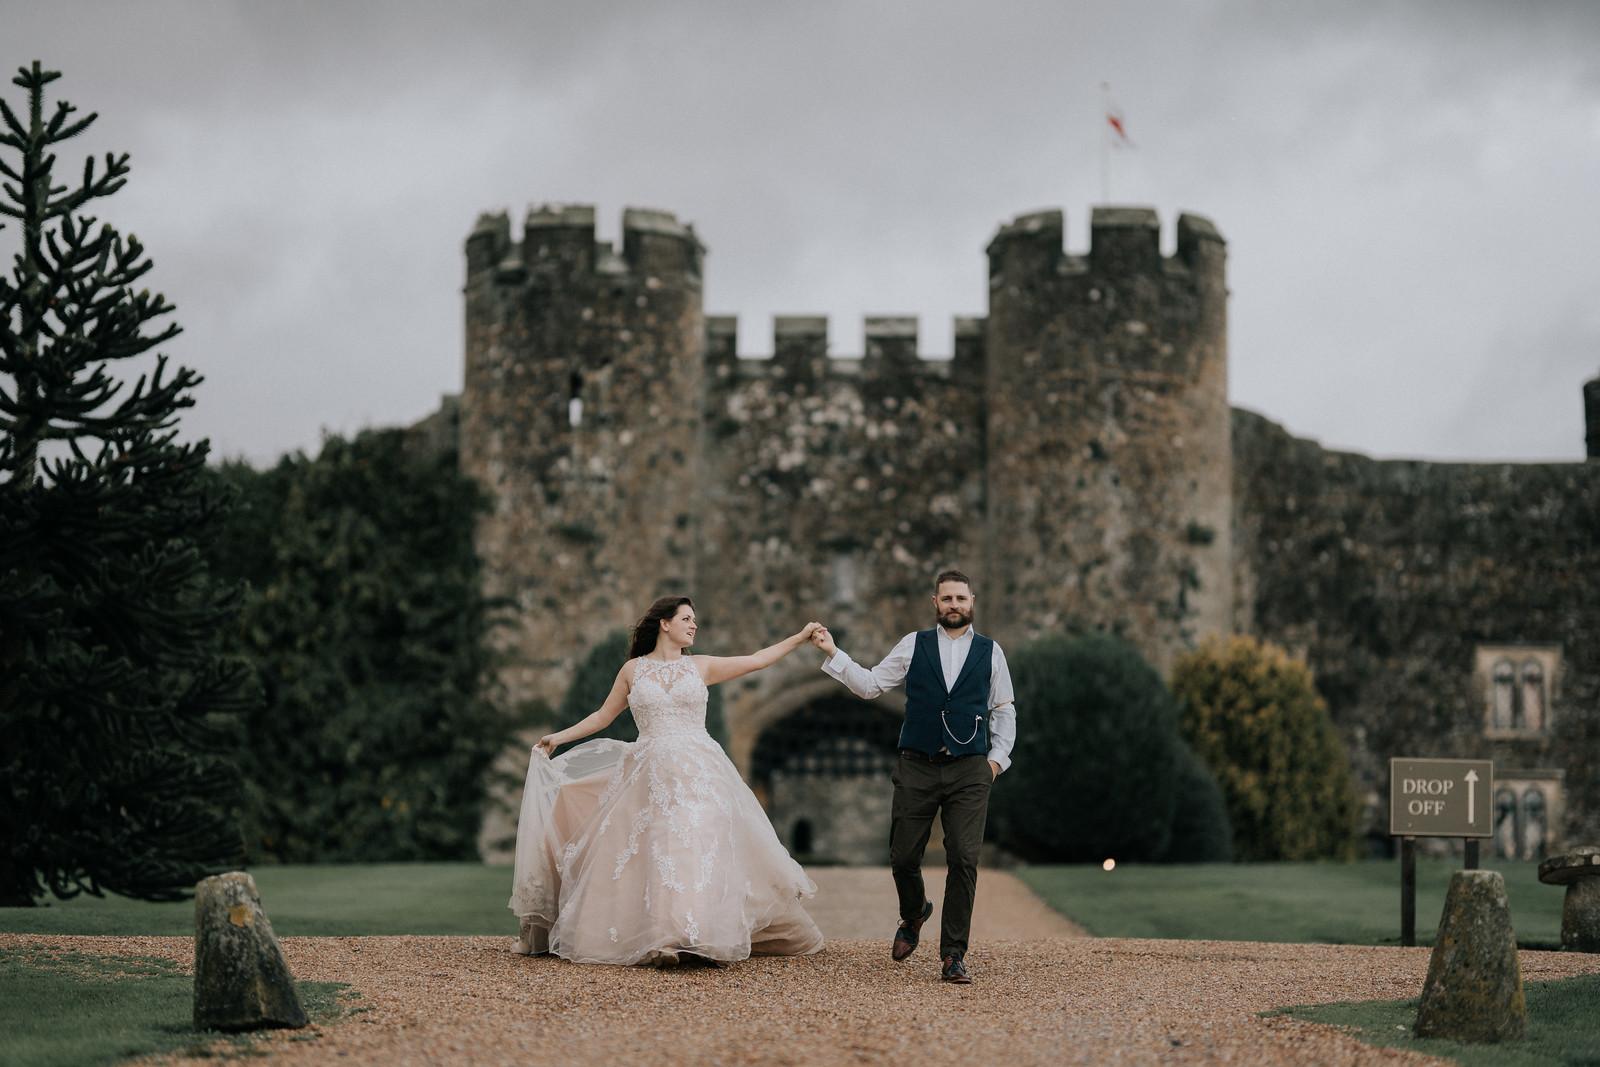 Bride and Groom Wedding Photo - Castle venue